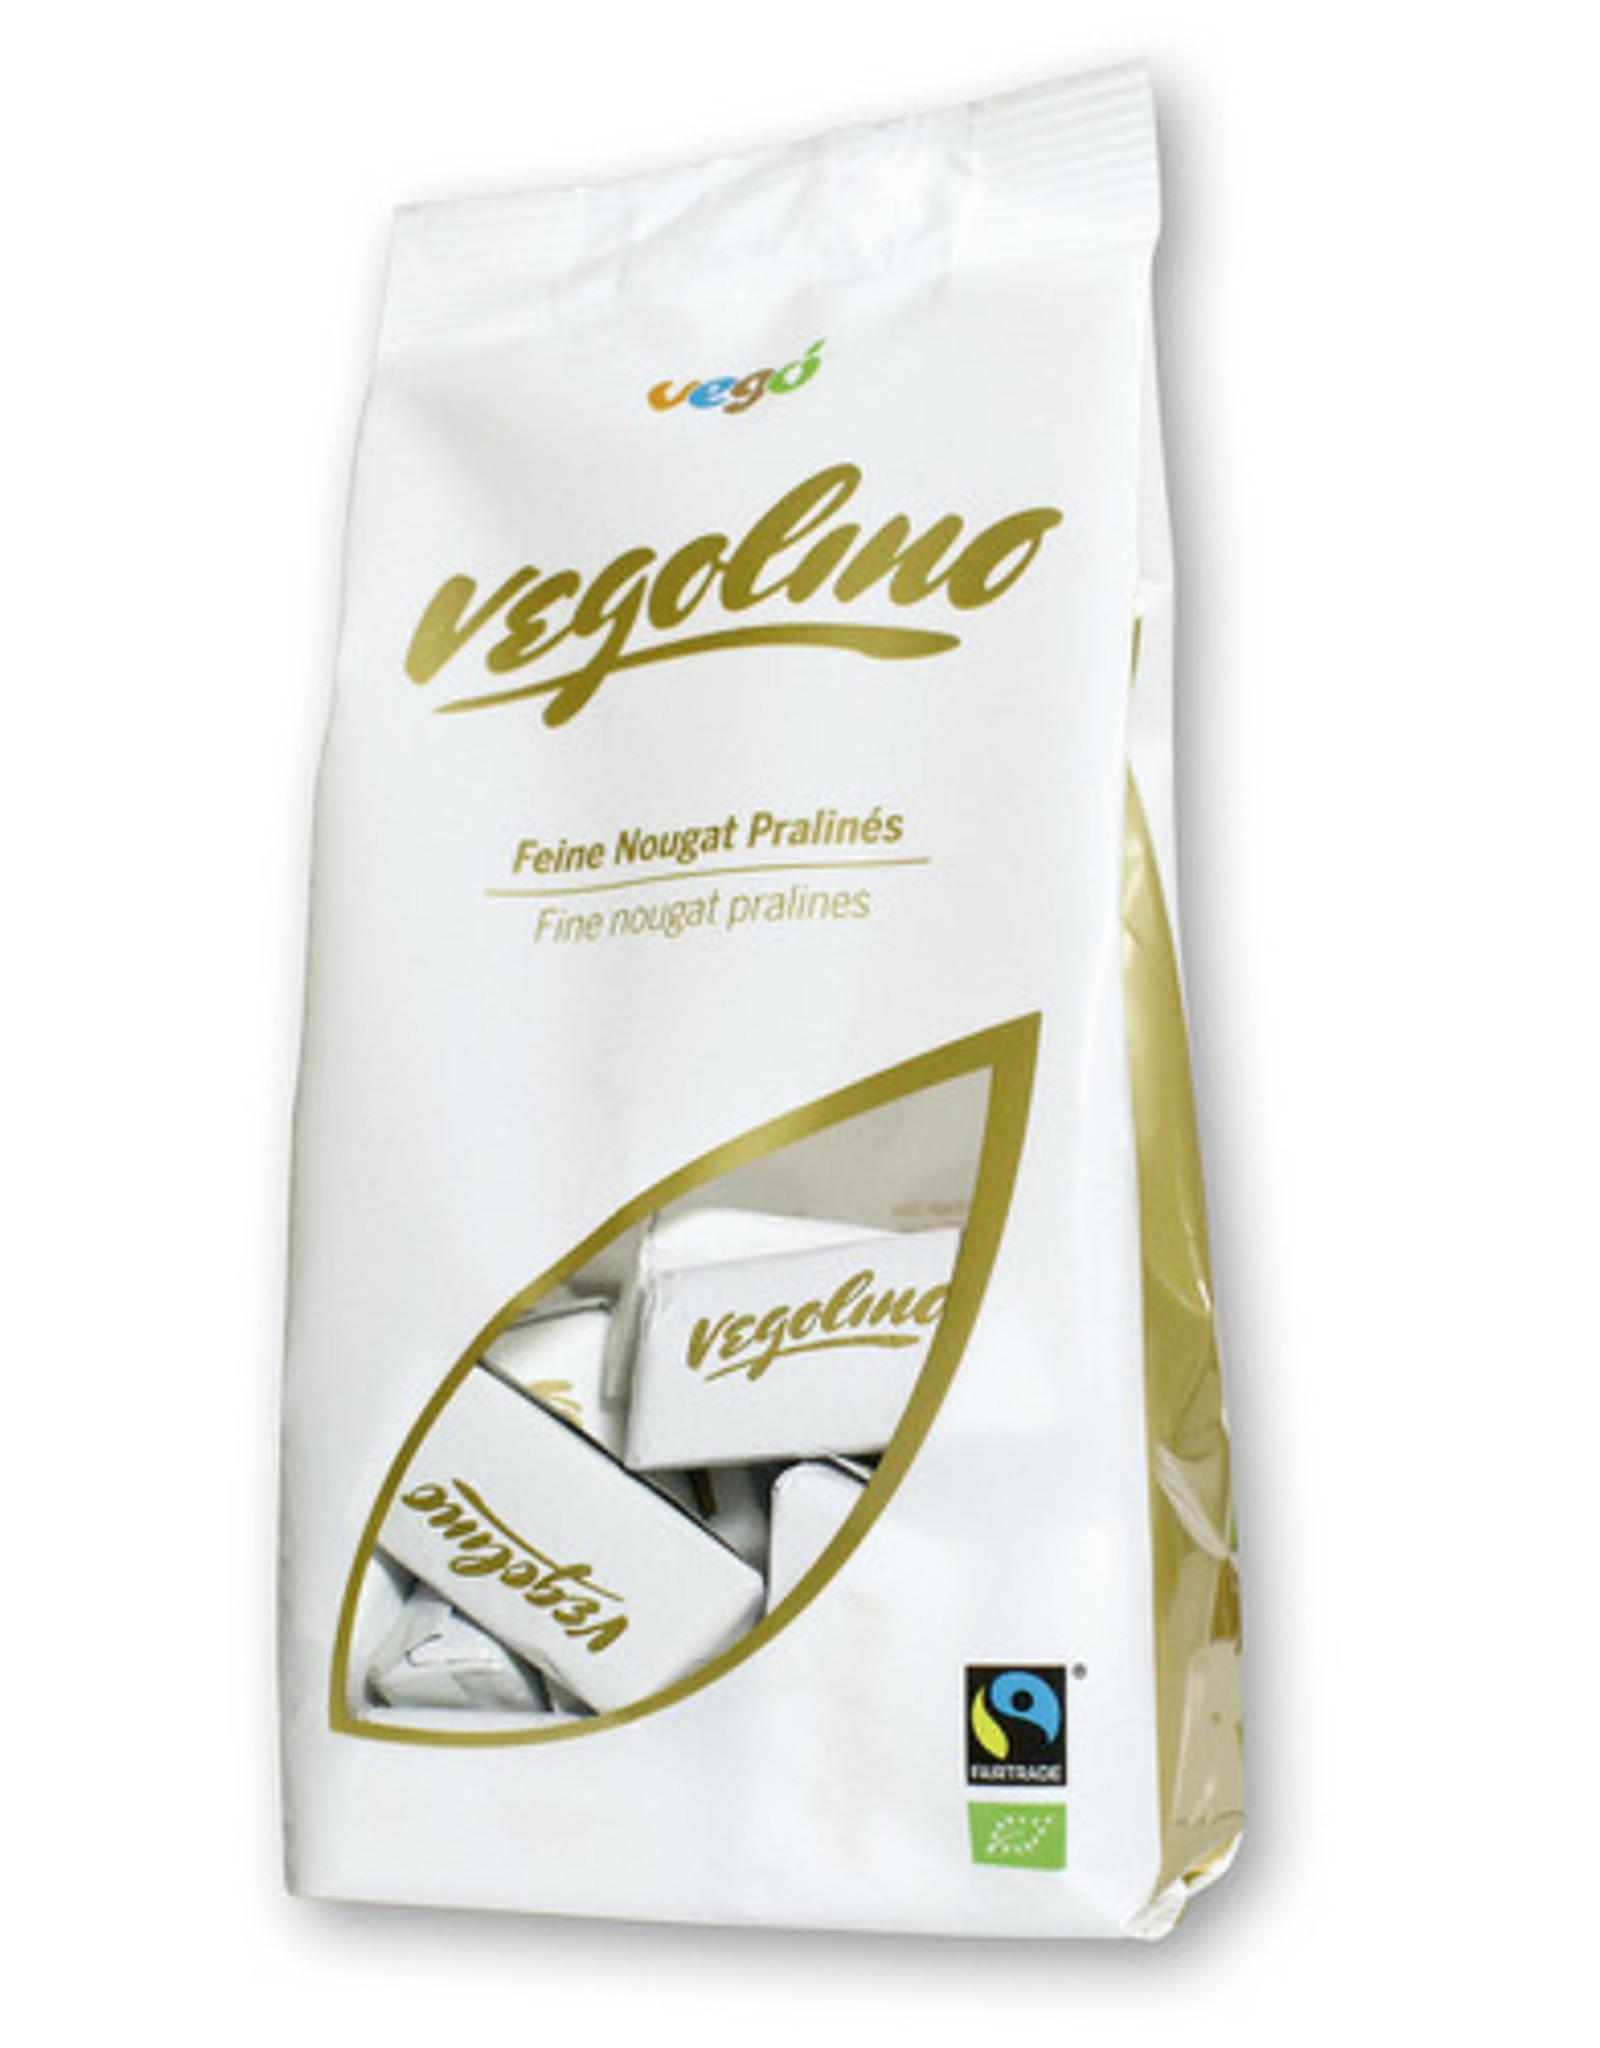 Vego Vego Vegolino vegan pralines bio 180g